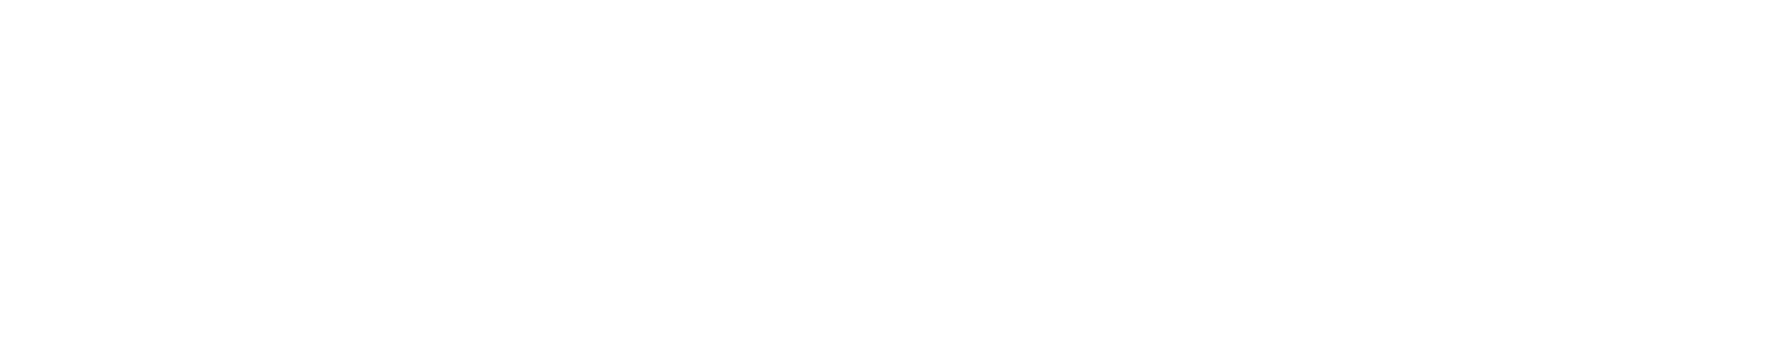 axs-logo-white2